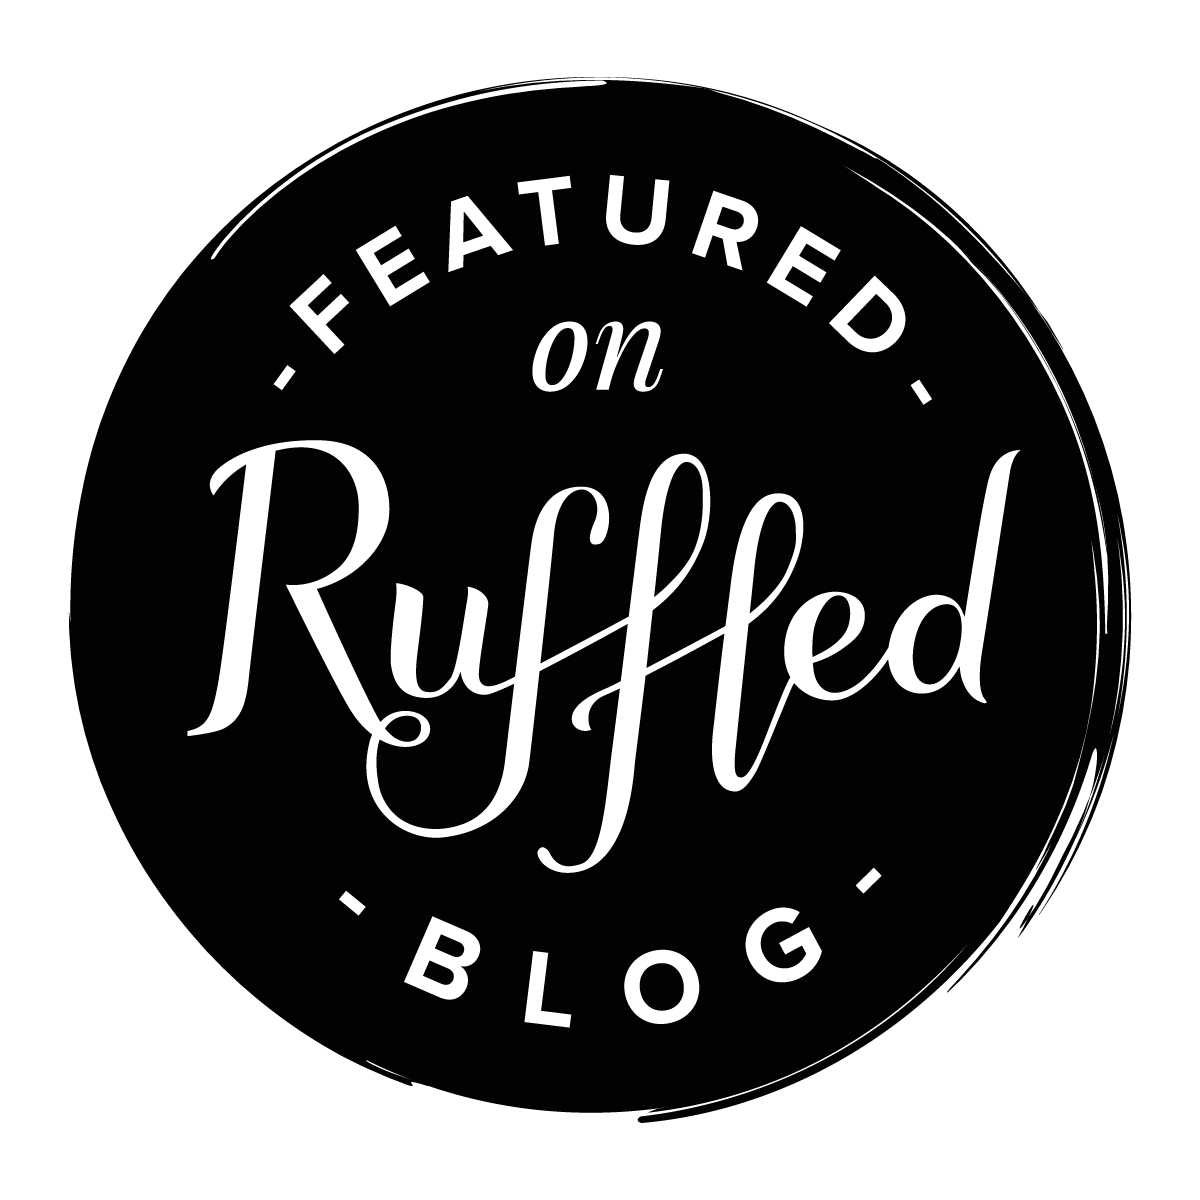 Bespoken-Ruffled-Featured.png